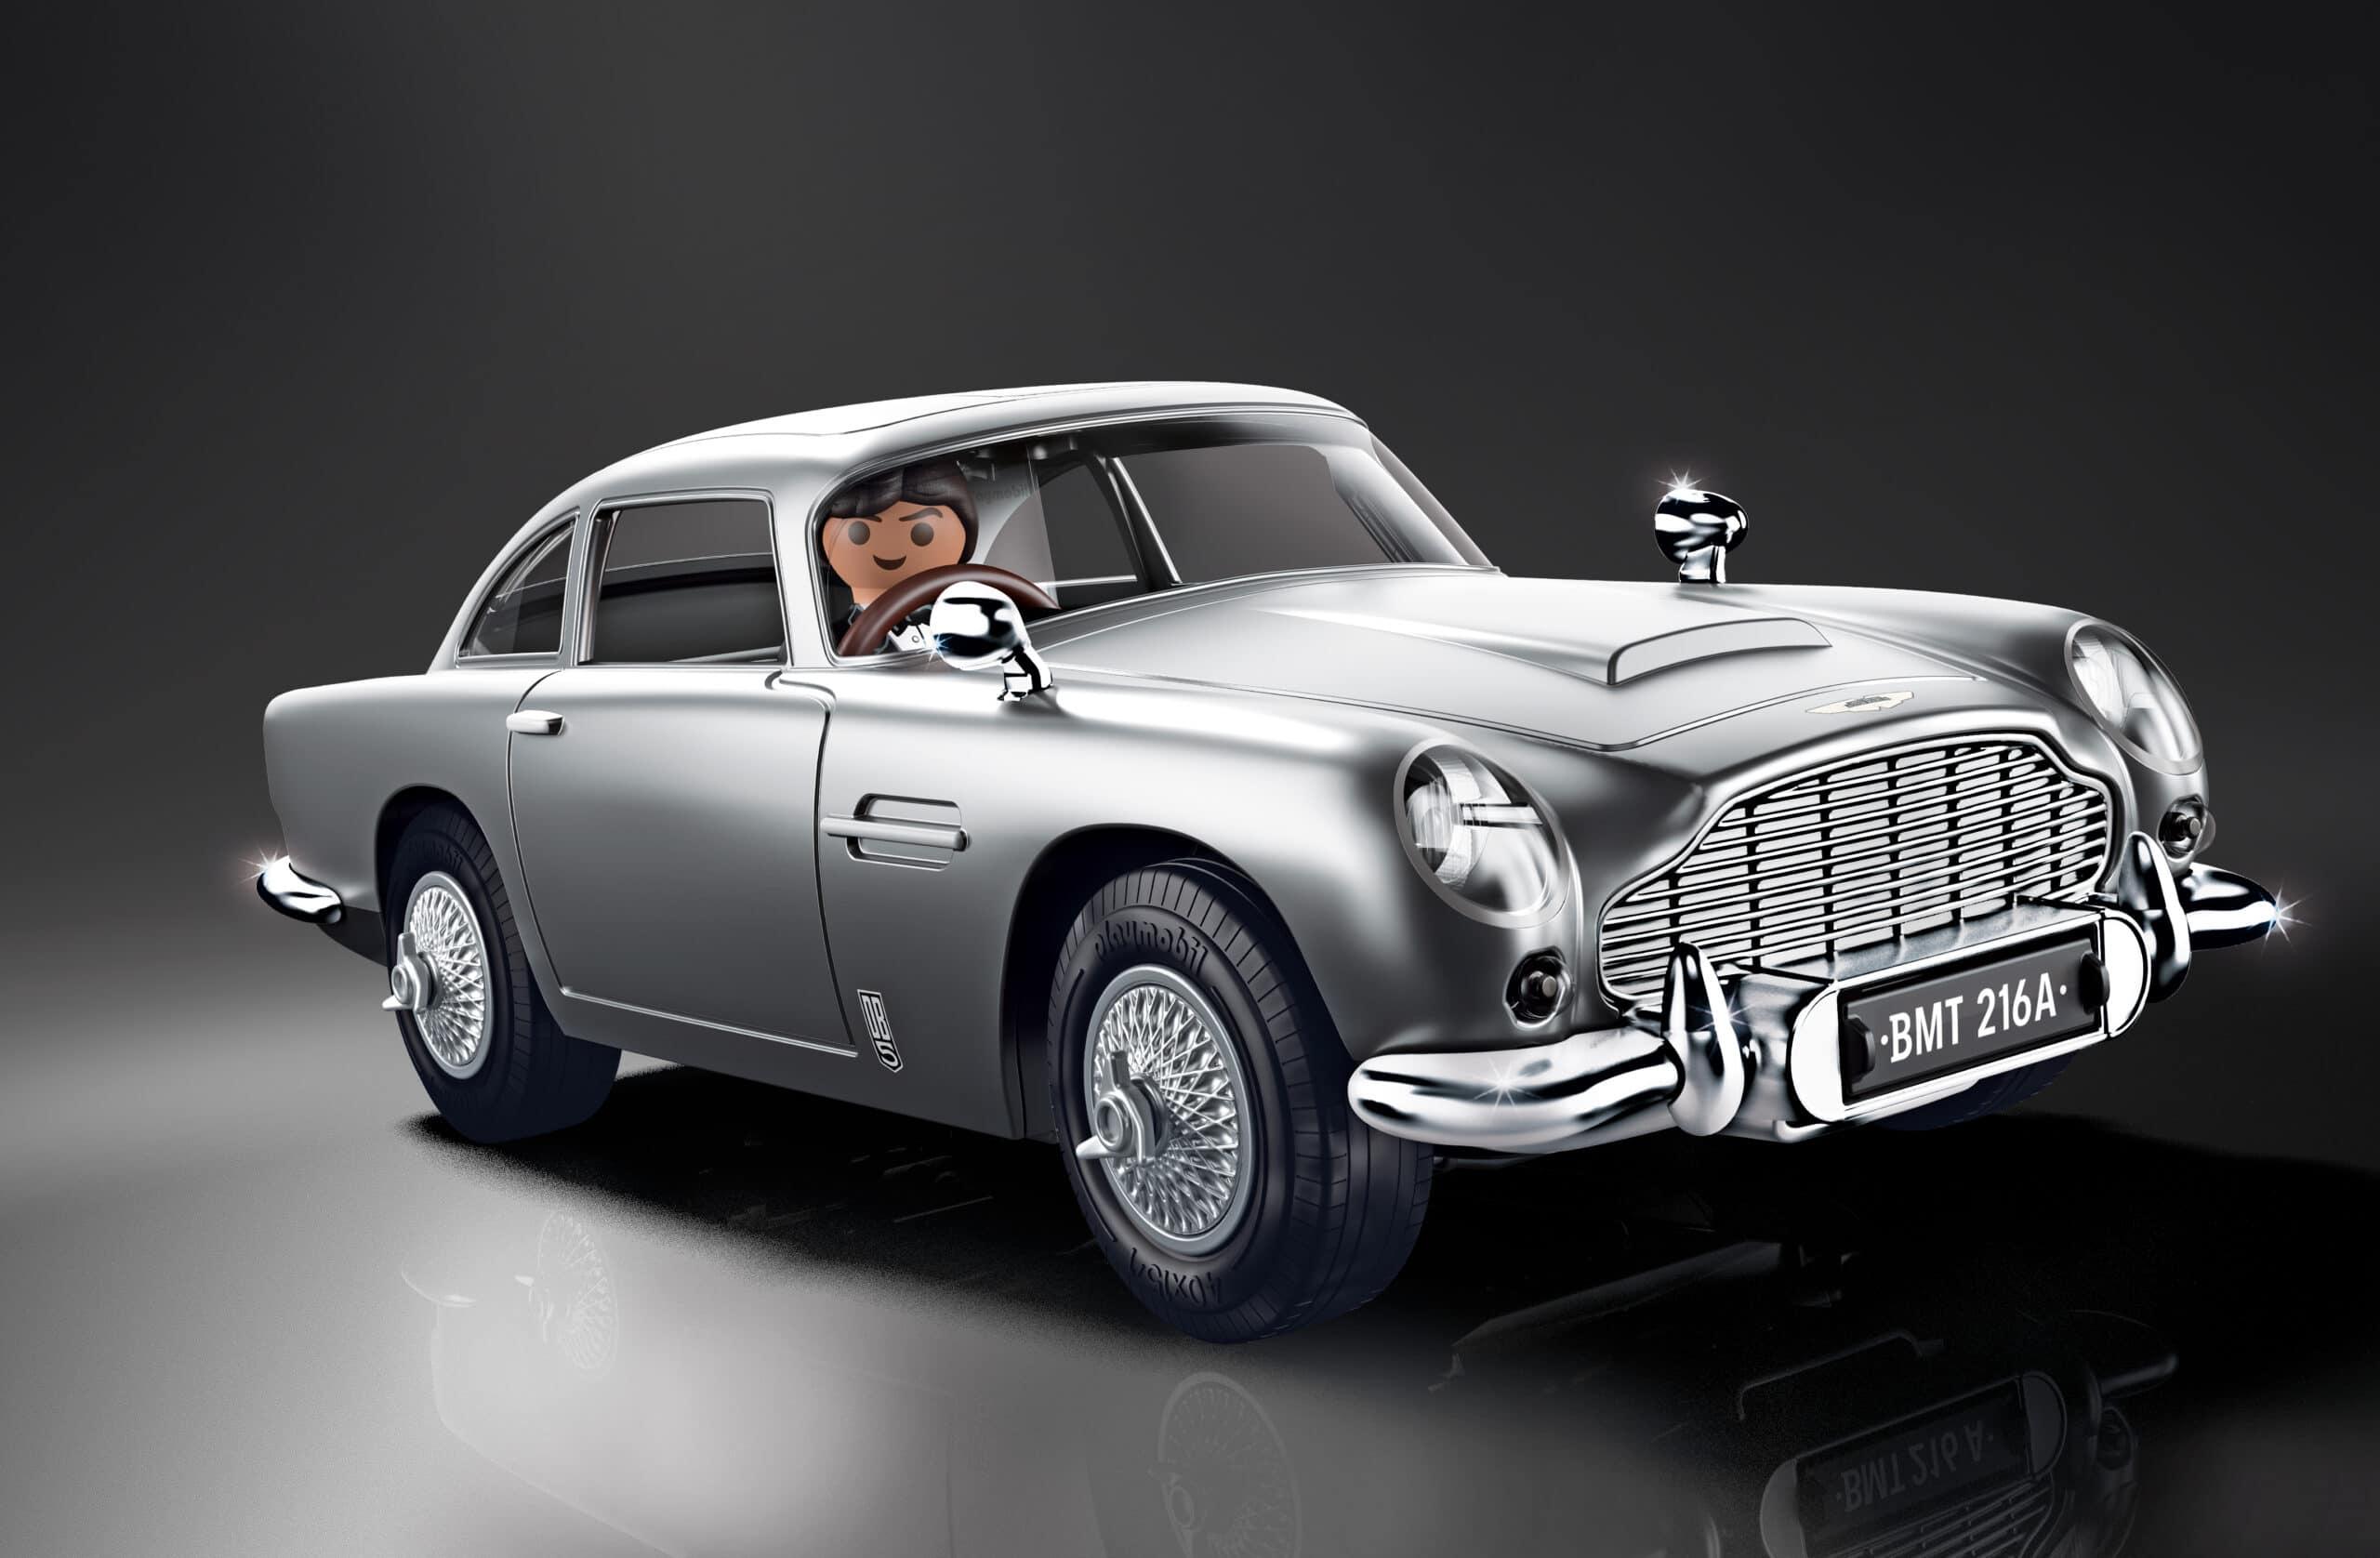 Arriva la replica PLAYMOBIL dell'iconica Aston Martin DB5 di James Bond thumbnail